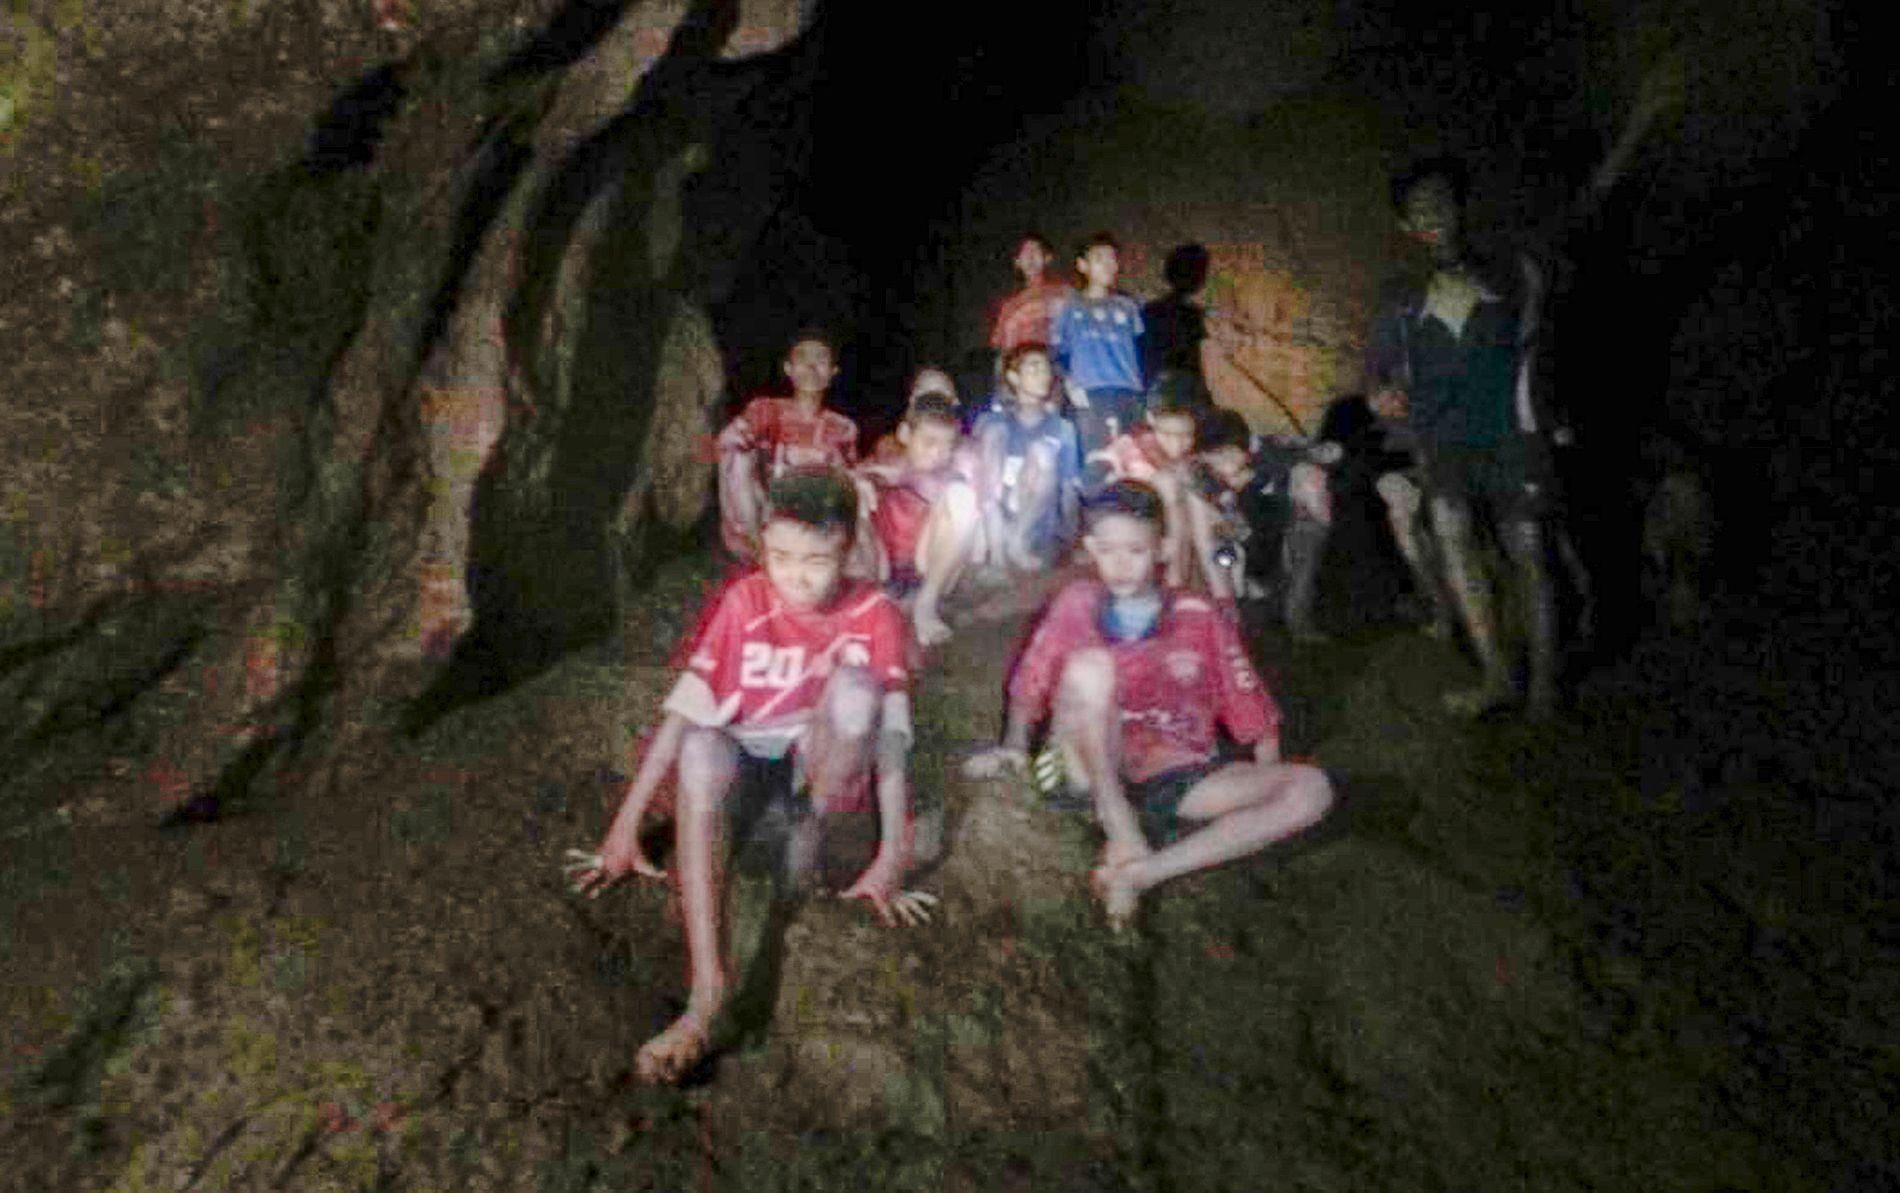 REDDET: 12 gutter og en fotballtrener har sittet innesperret i en grotte i Thailand siden 23. juni. Nå er alle reddet ut.